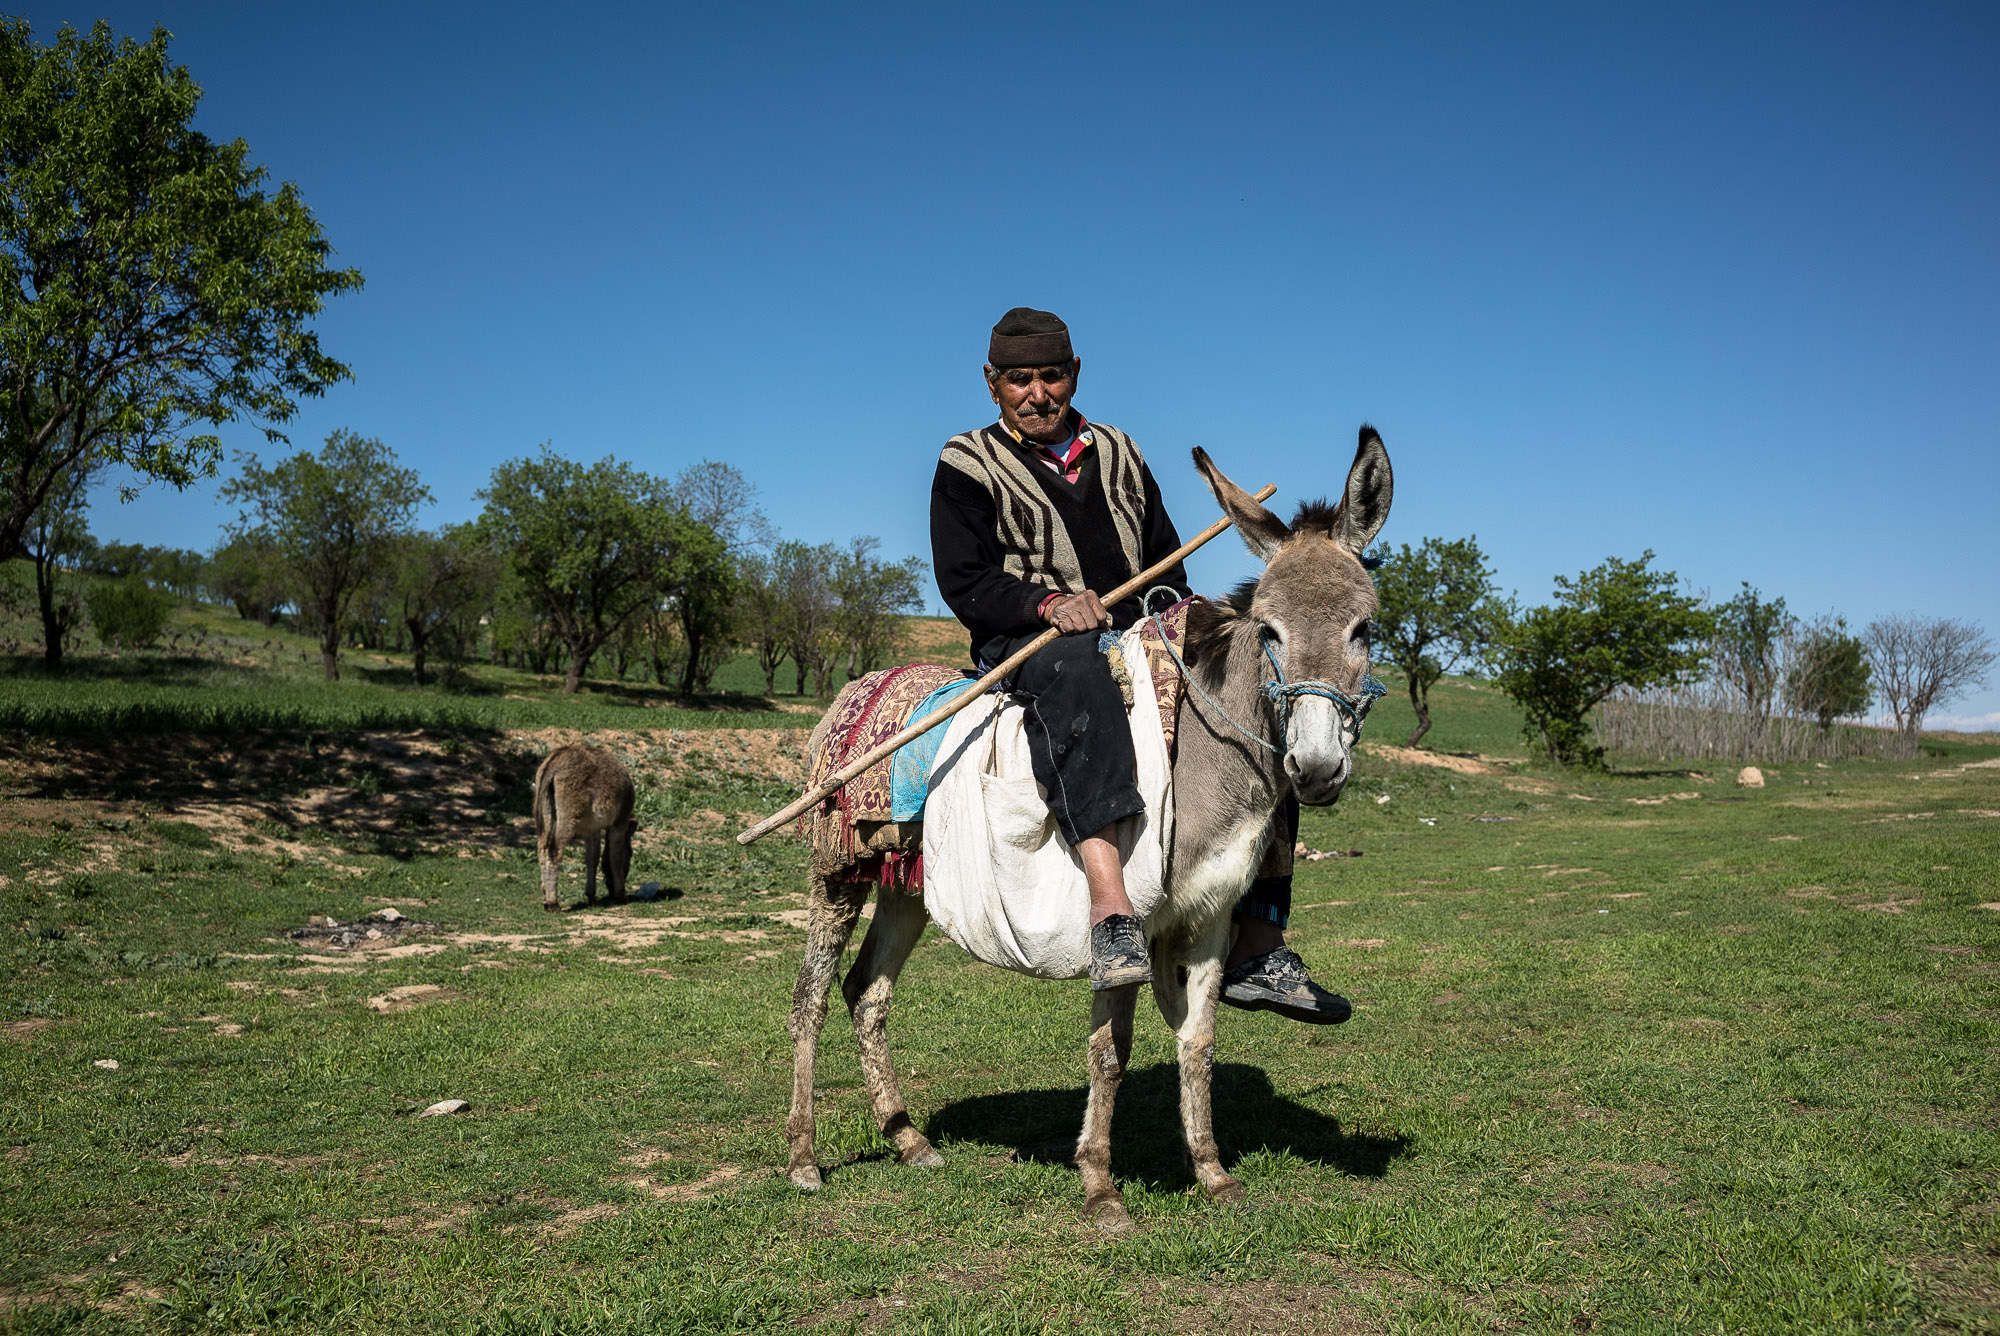 dude on donkey